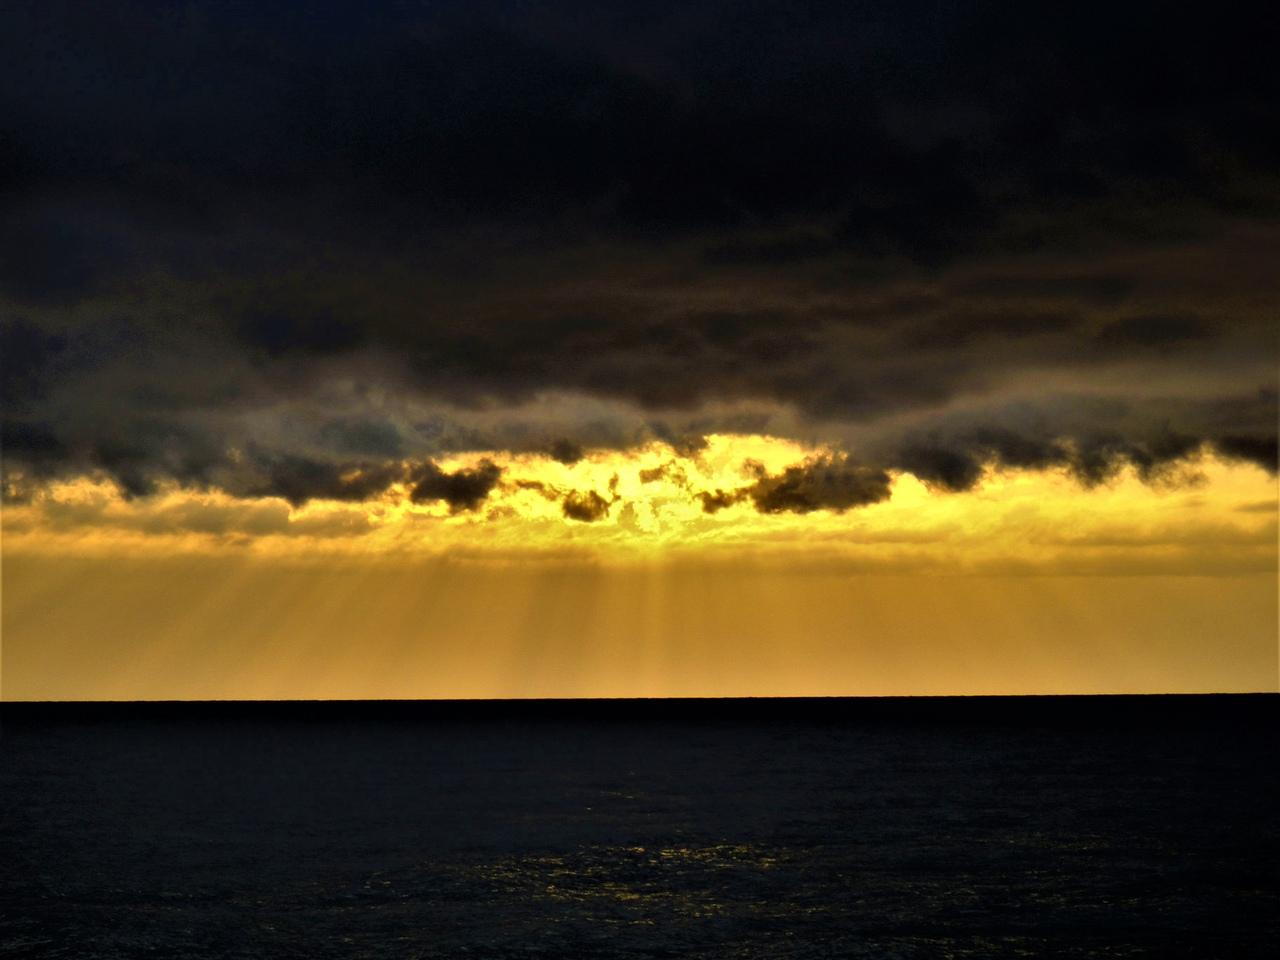 Фото для вас бесплатно / Photo is free for you, p_i_r_a_n_y_a - Закат над морем